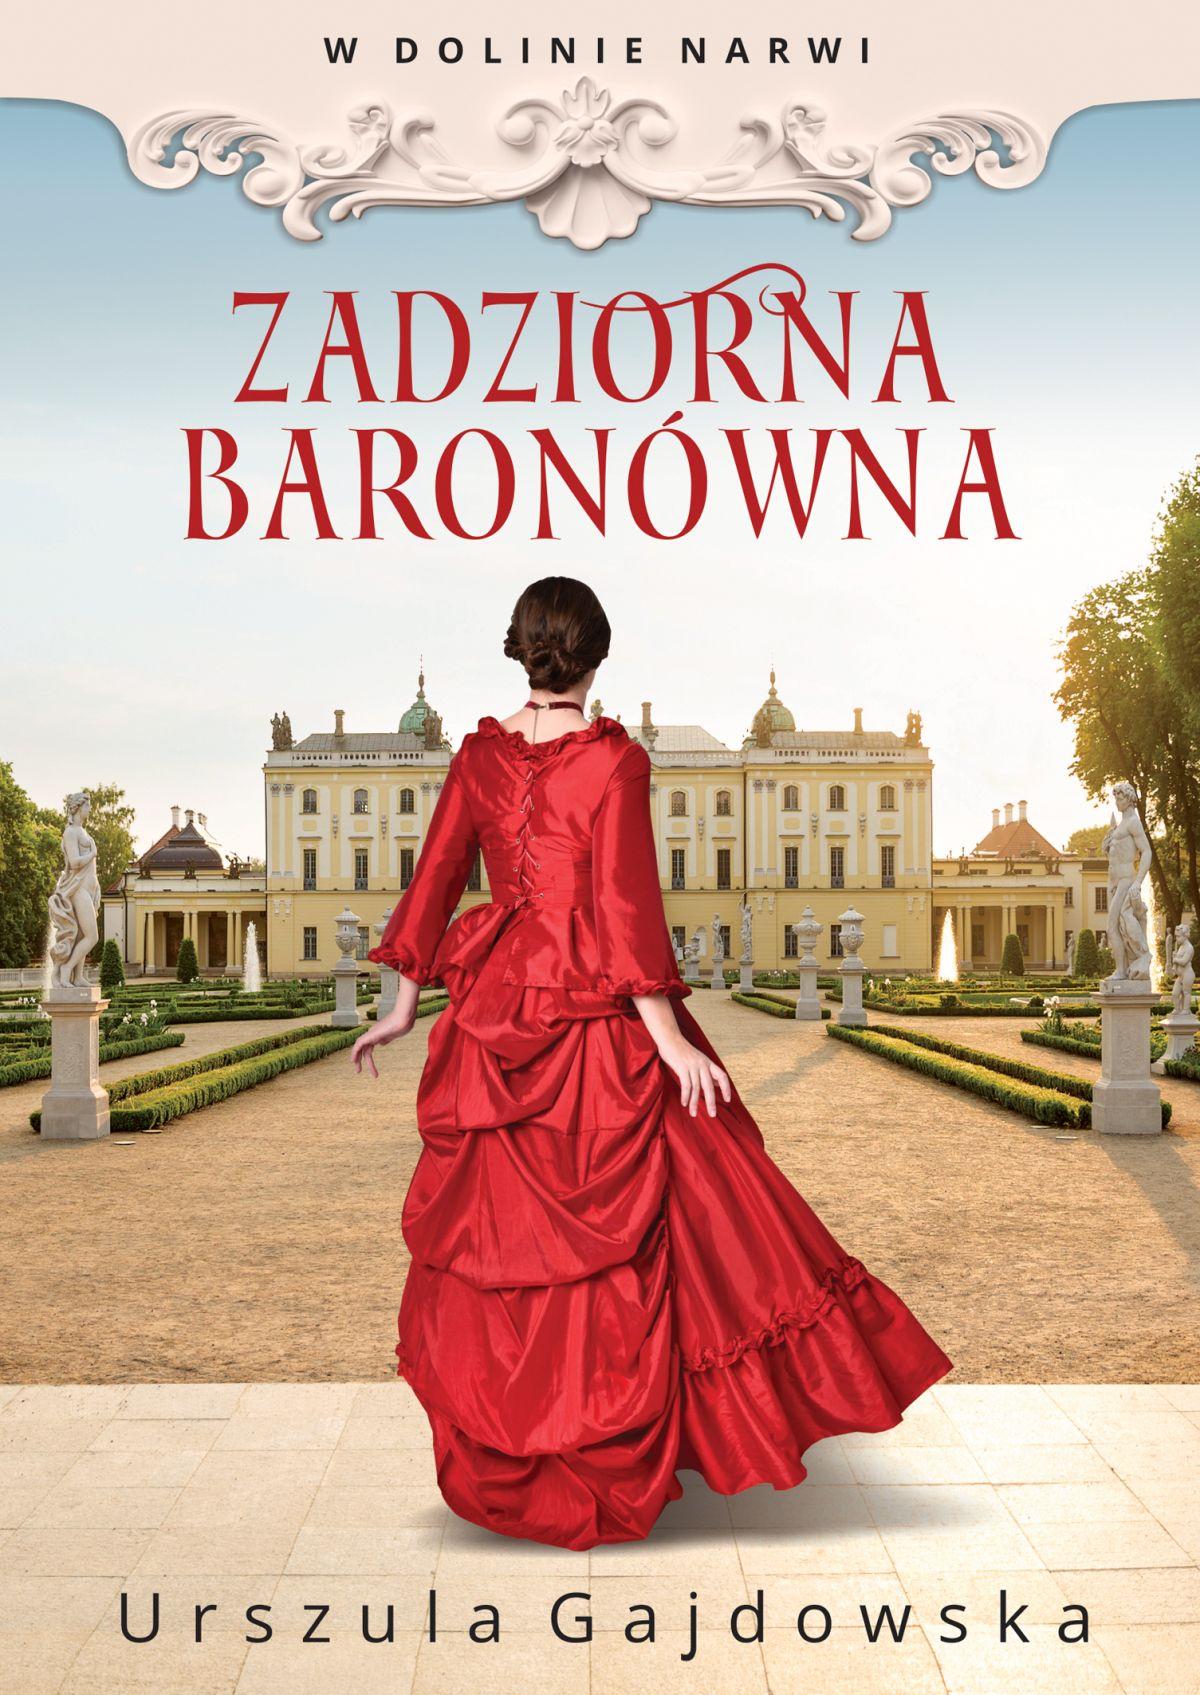 """""""Kiedy zaczynam pisać, zaczynam konstruować otoczenie"""" Urszula Gajdowska, autorka cyklu """"W dolinie Narwi"""""""